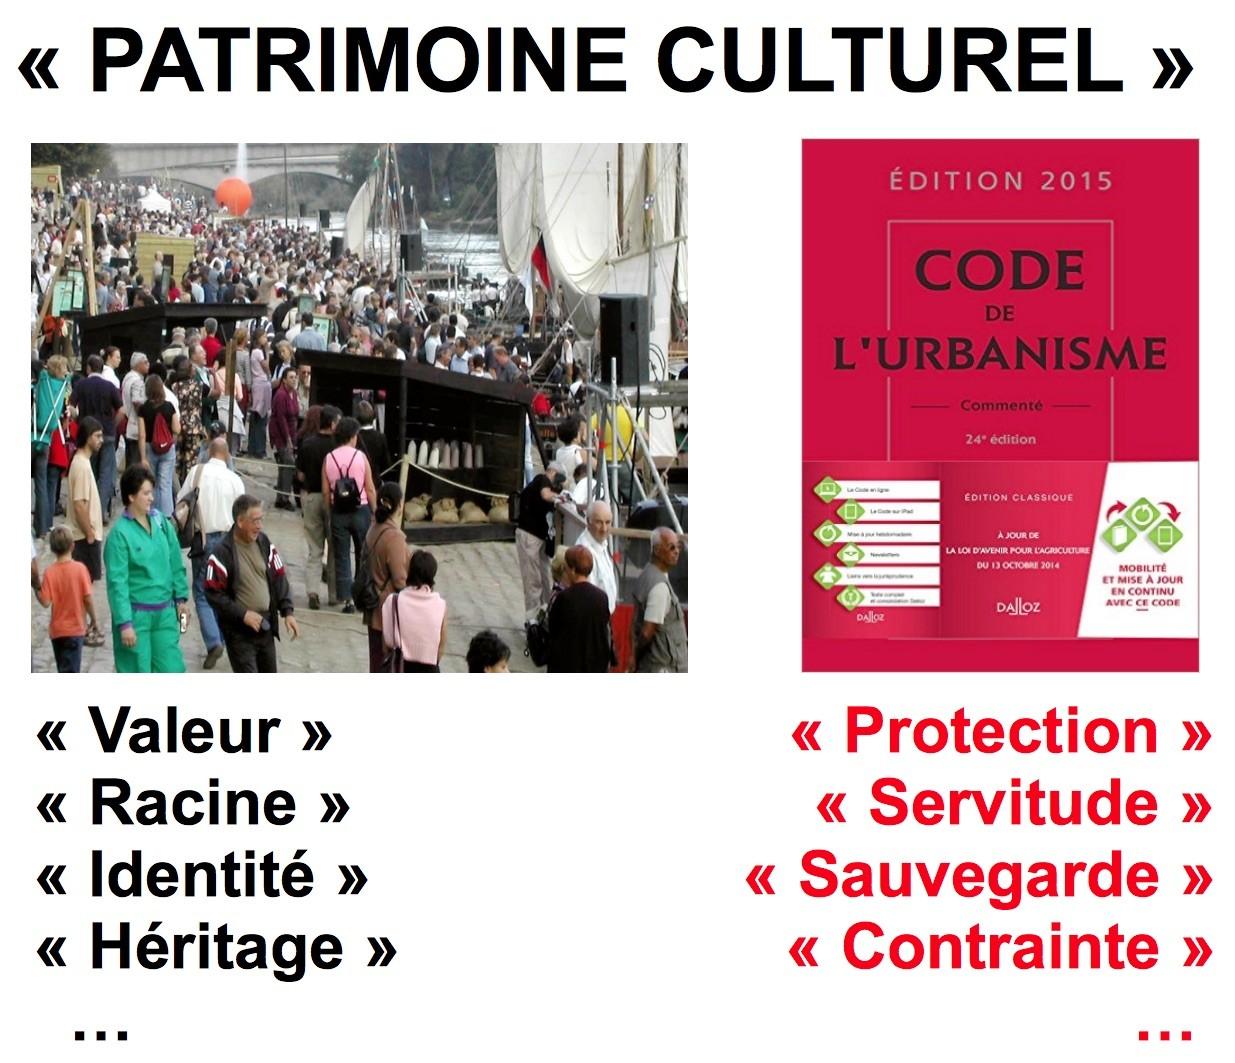 Le patrimoine culturel tel que l'évoquent les gens et tel que le définit le Code d'urbanisme.